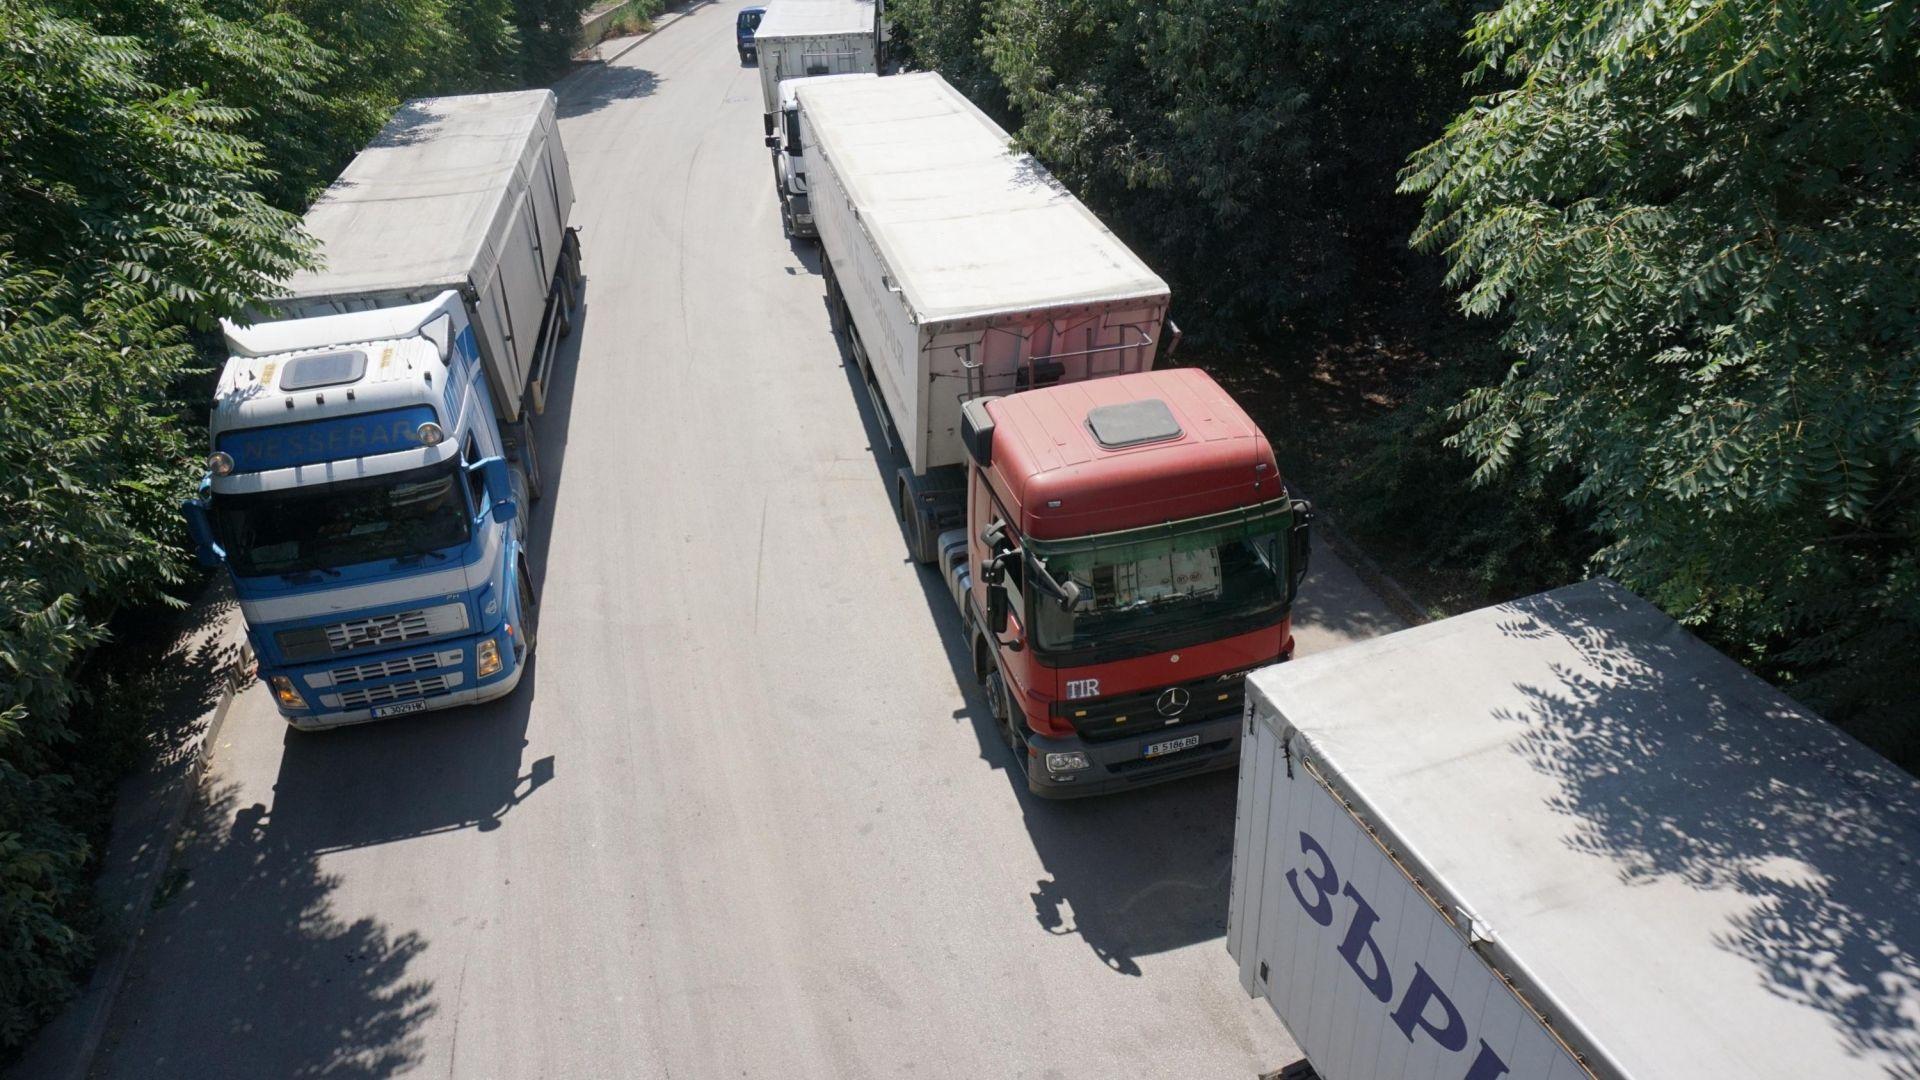 Общият износ на България се увеличава с 3.7 на сто през януари - ноември